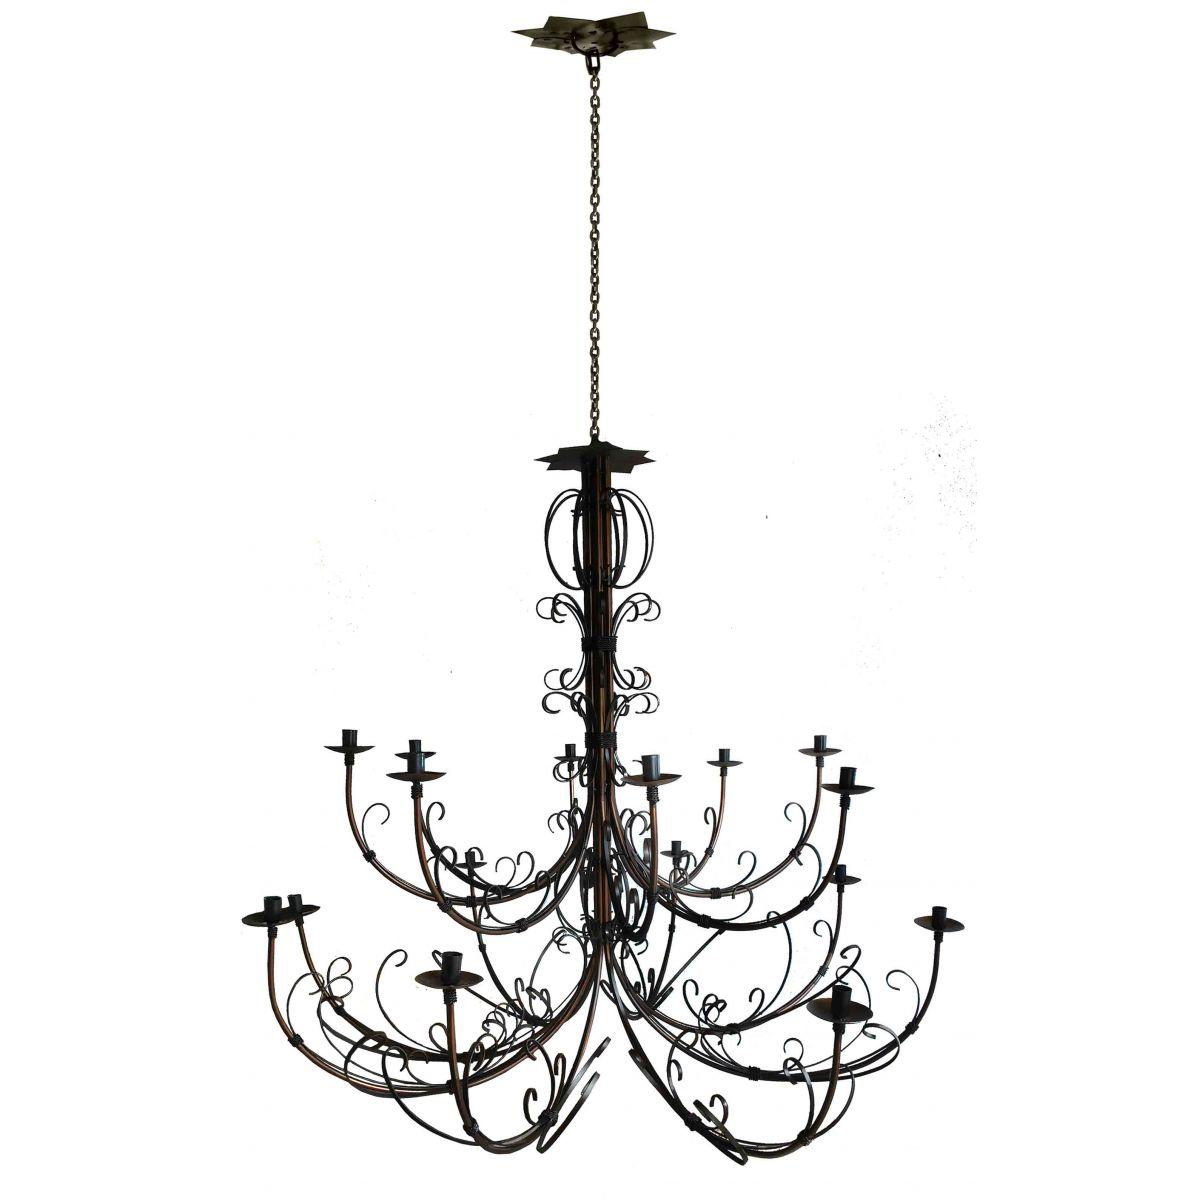 lustre rococo amazing lustre rococo em ferro foto lustre rococo em ferro with lustre rococo. Black Bedroom Furniture Sets. Home Design Ideas